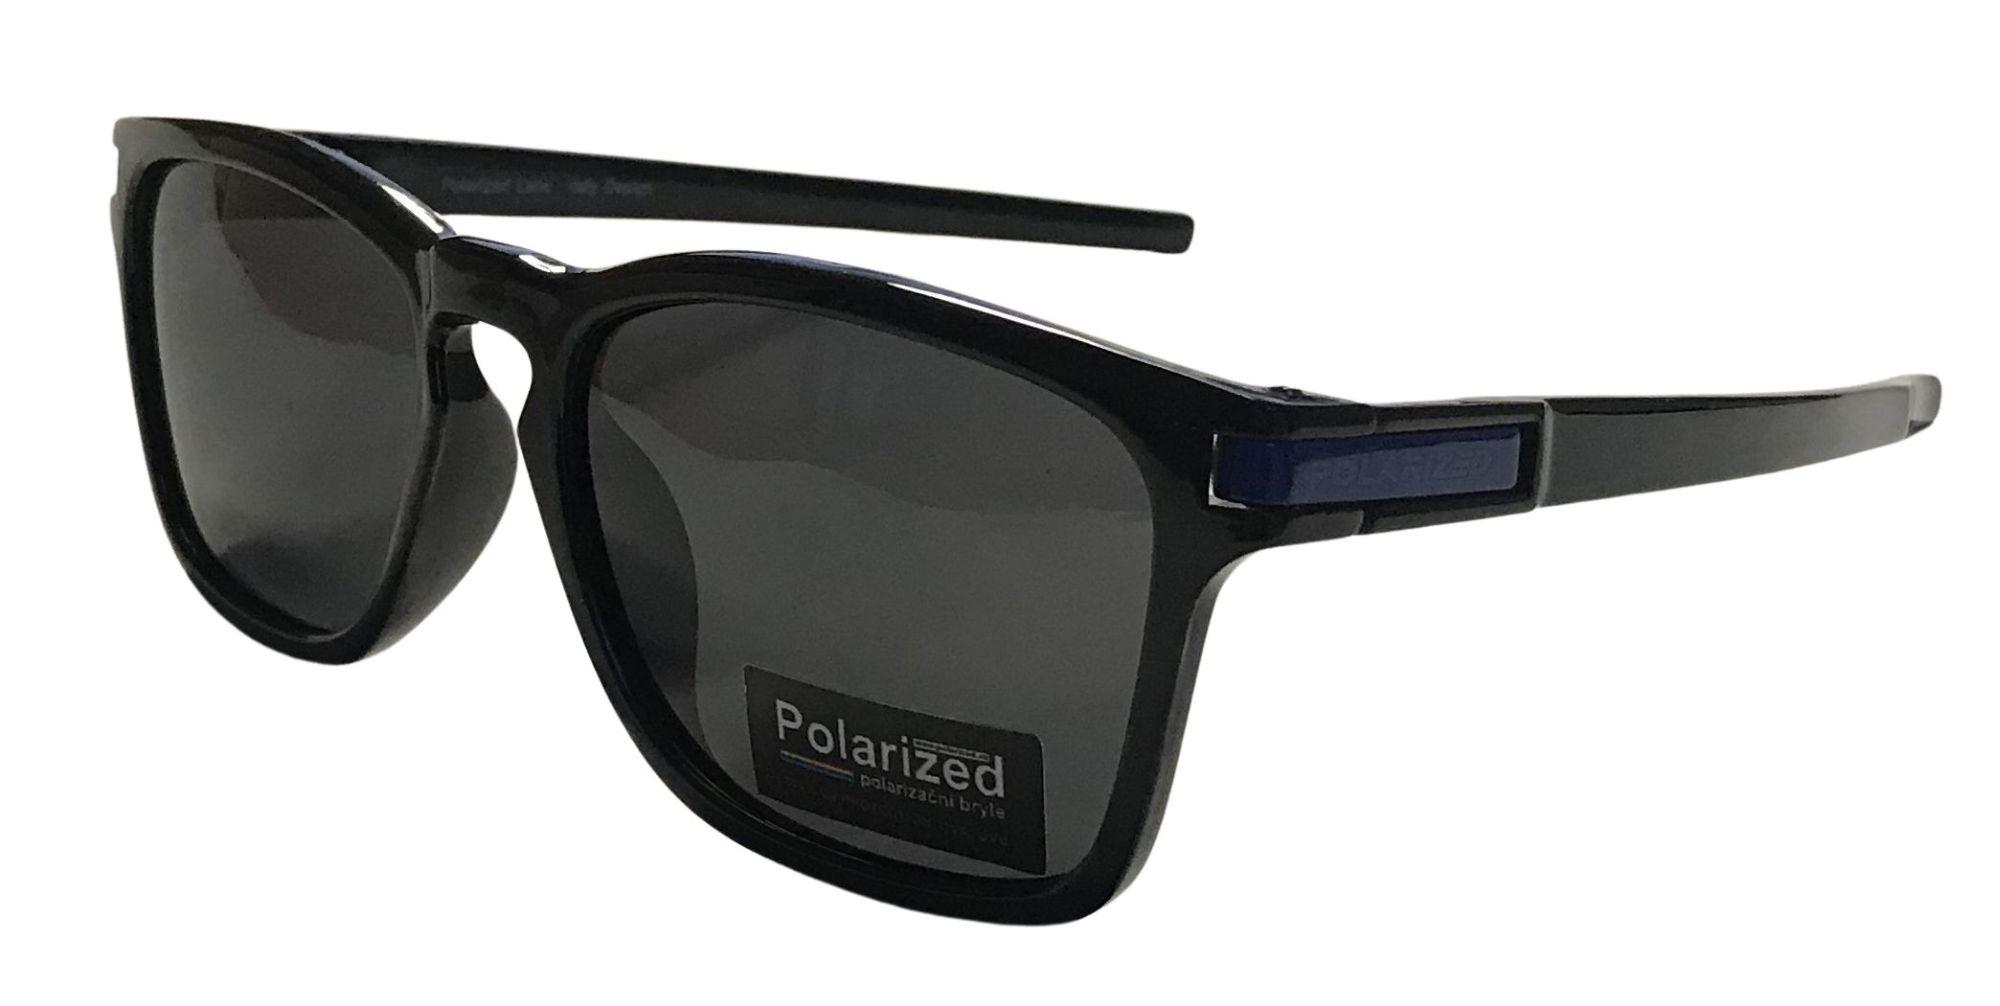 Coyote Vision Brýle FASHION polarizační černé s modrou aplikací SGLPO2.195